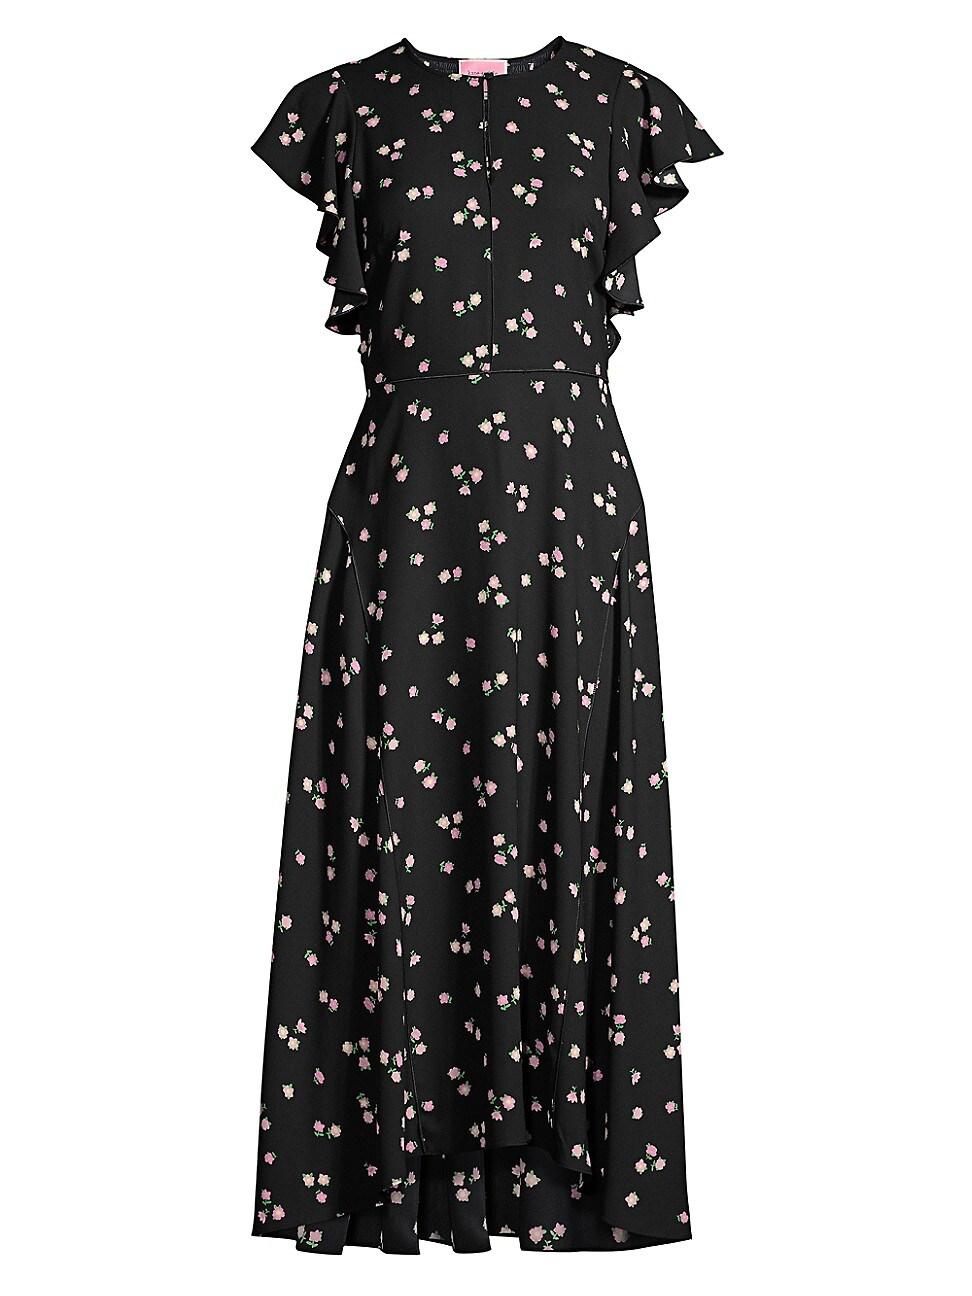 Kate Spade Ditsy Begonia Flutter-sleeve Dress In Black